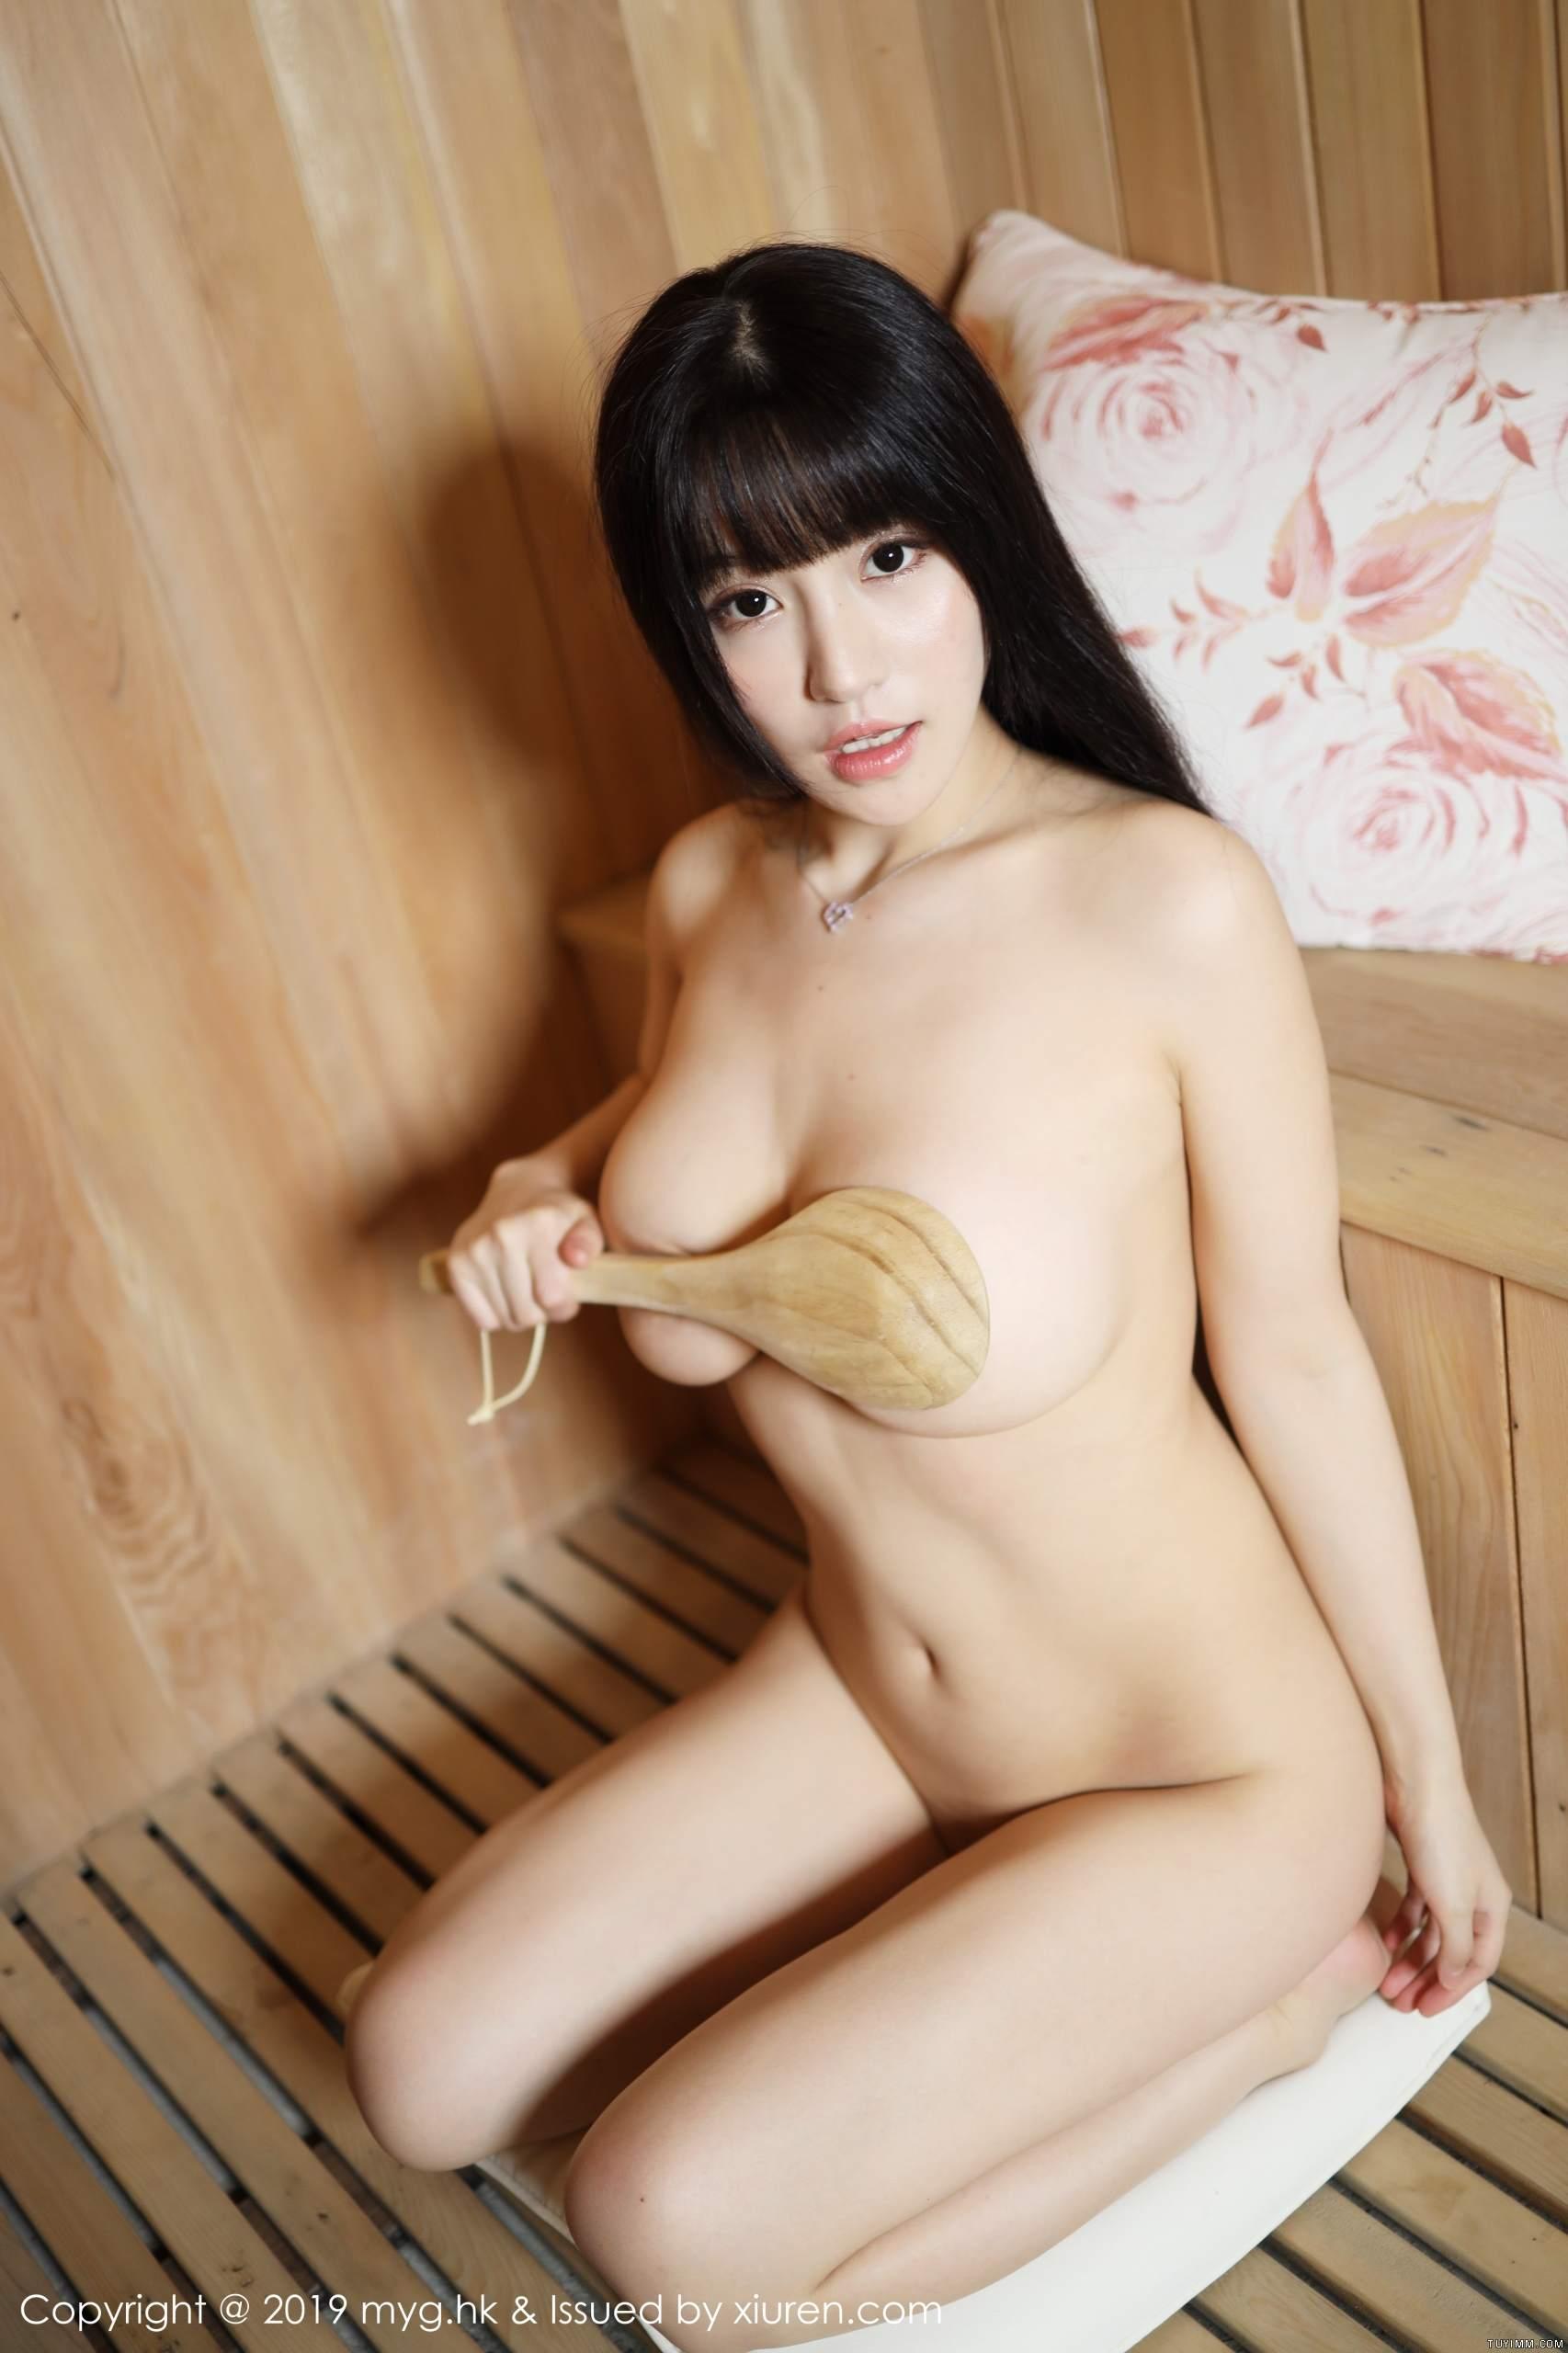 [福利]齐逼露点的豪放美女吸睛爆乳魔鬼身材性感美女-第22张图片-哔哔娱乐网